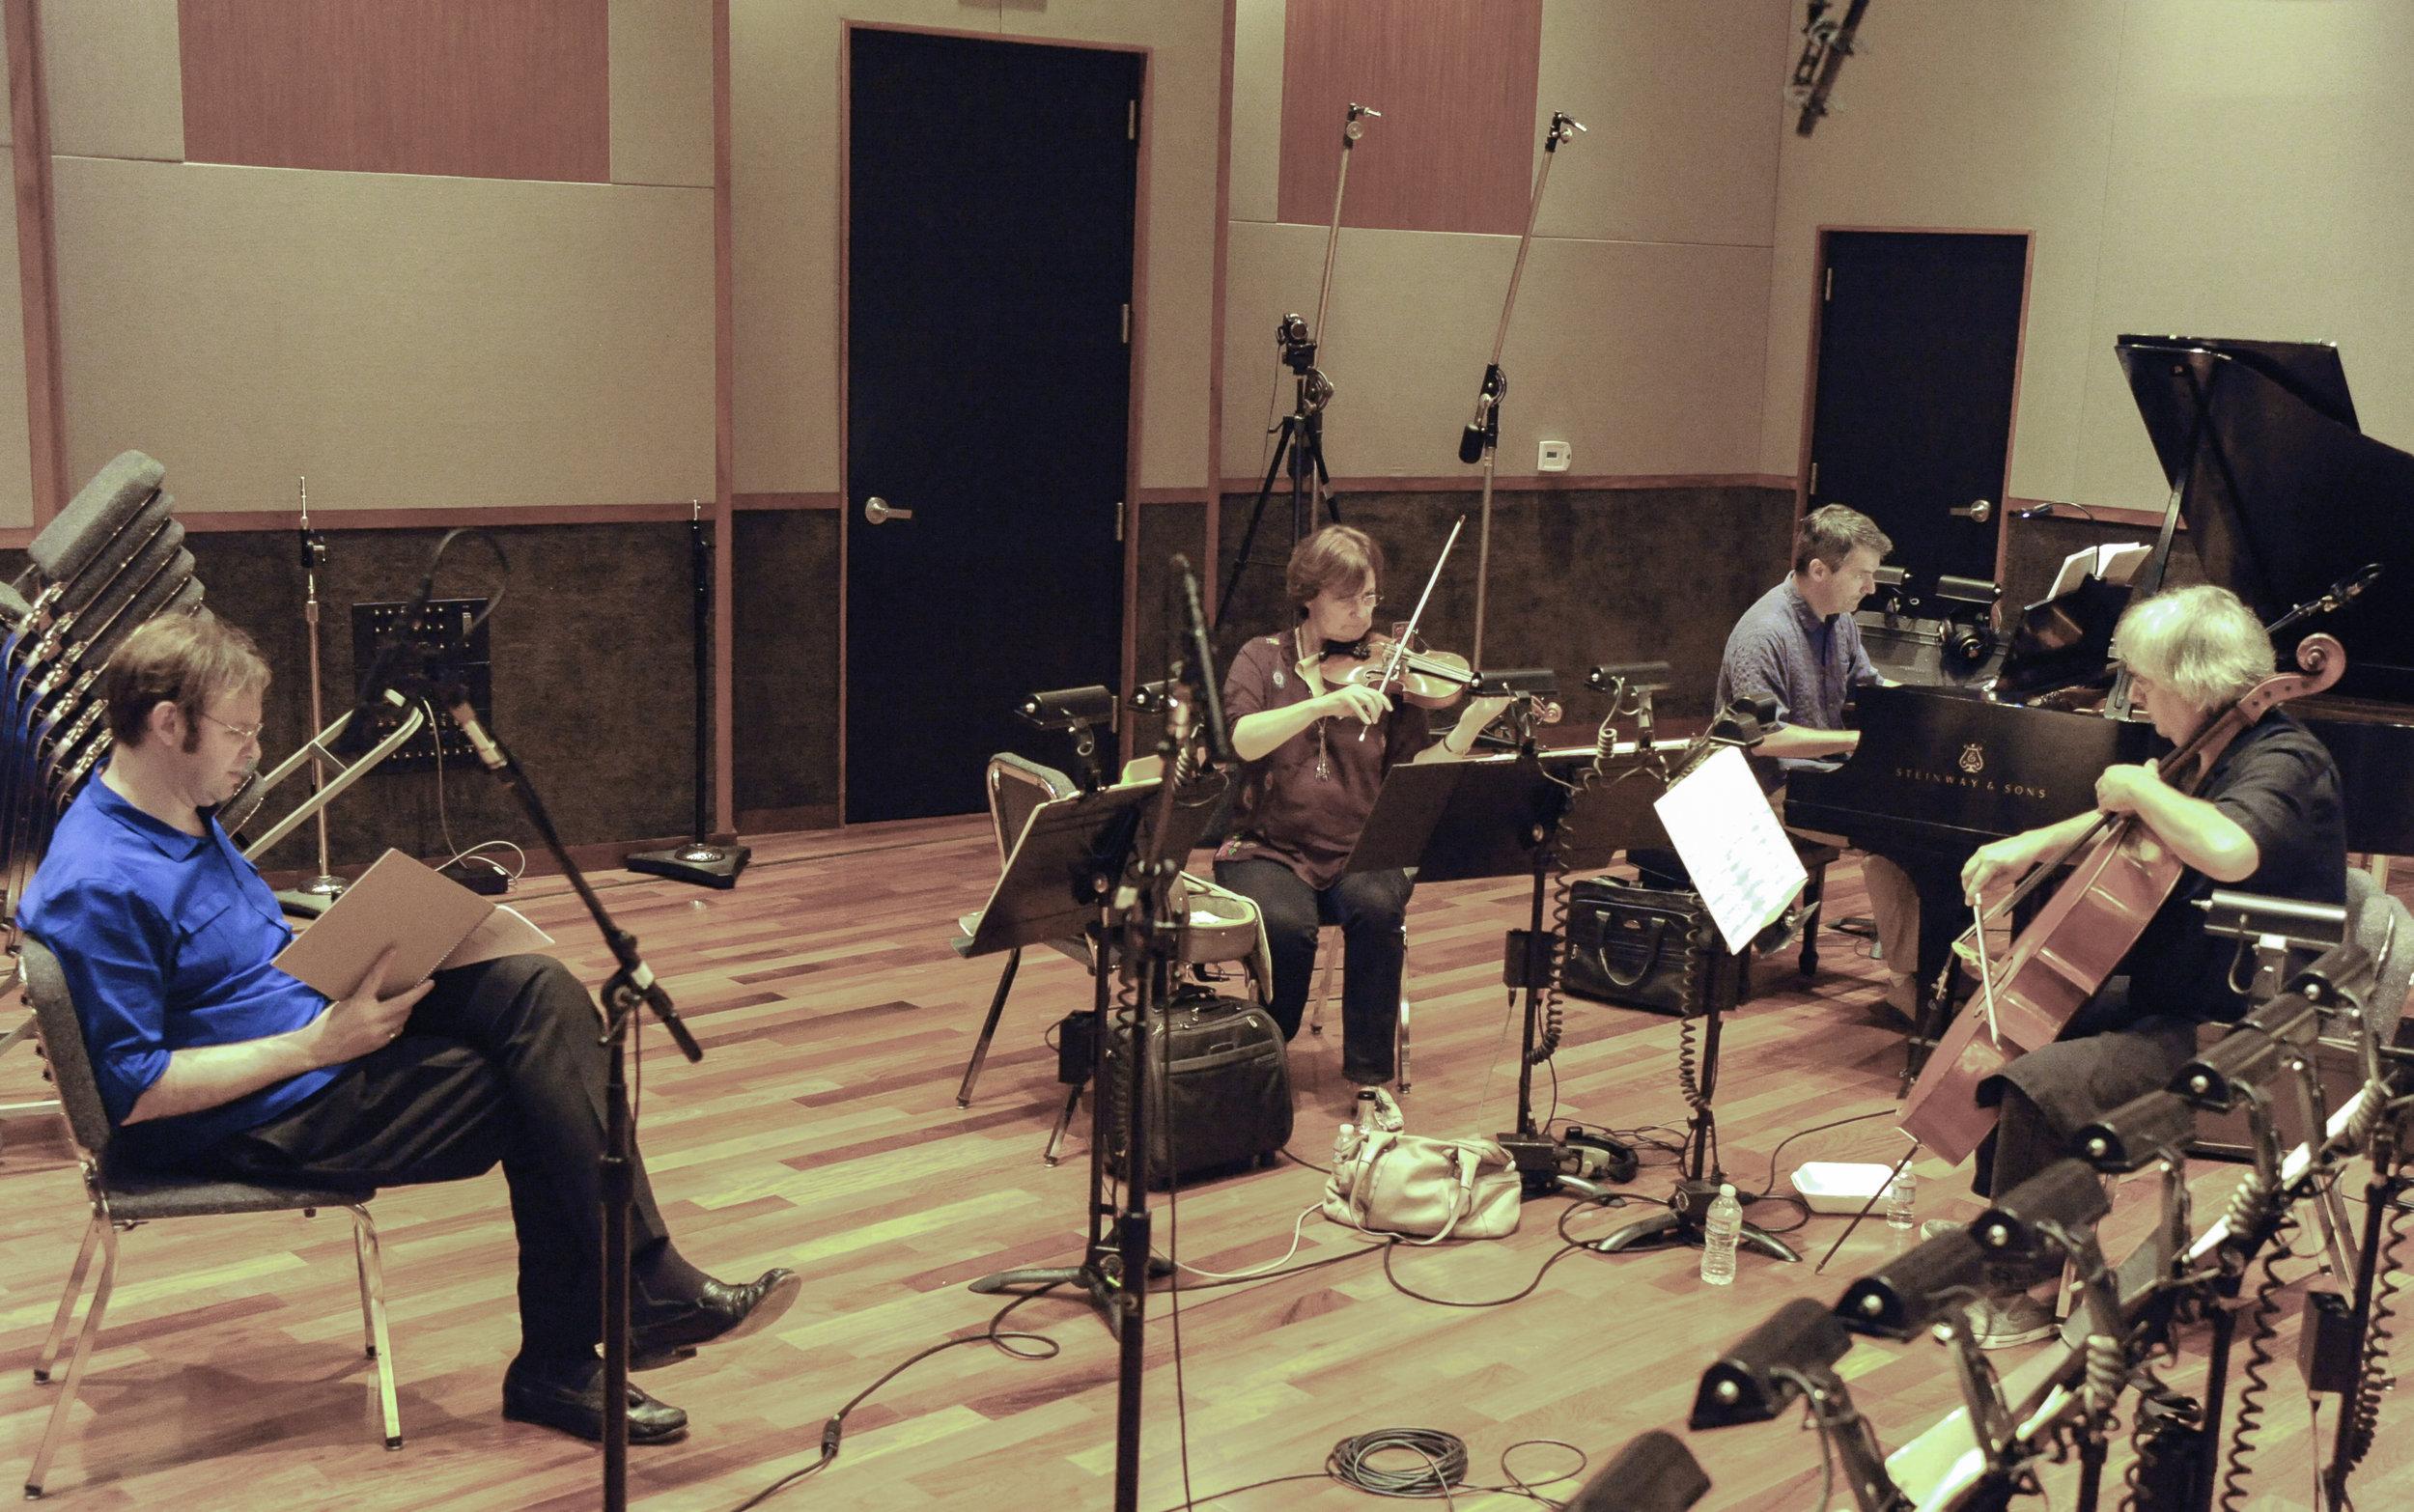 Recording of Kaska's Piano Trio